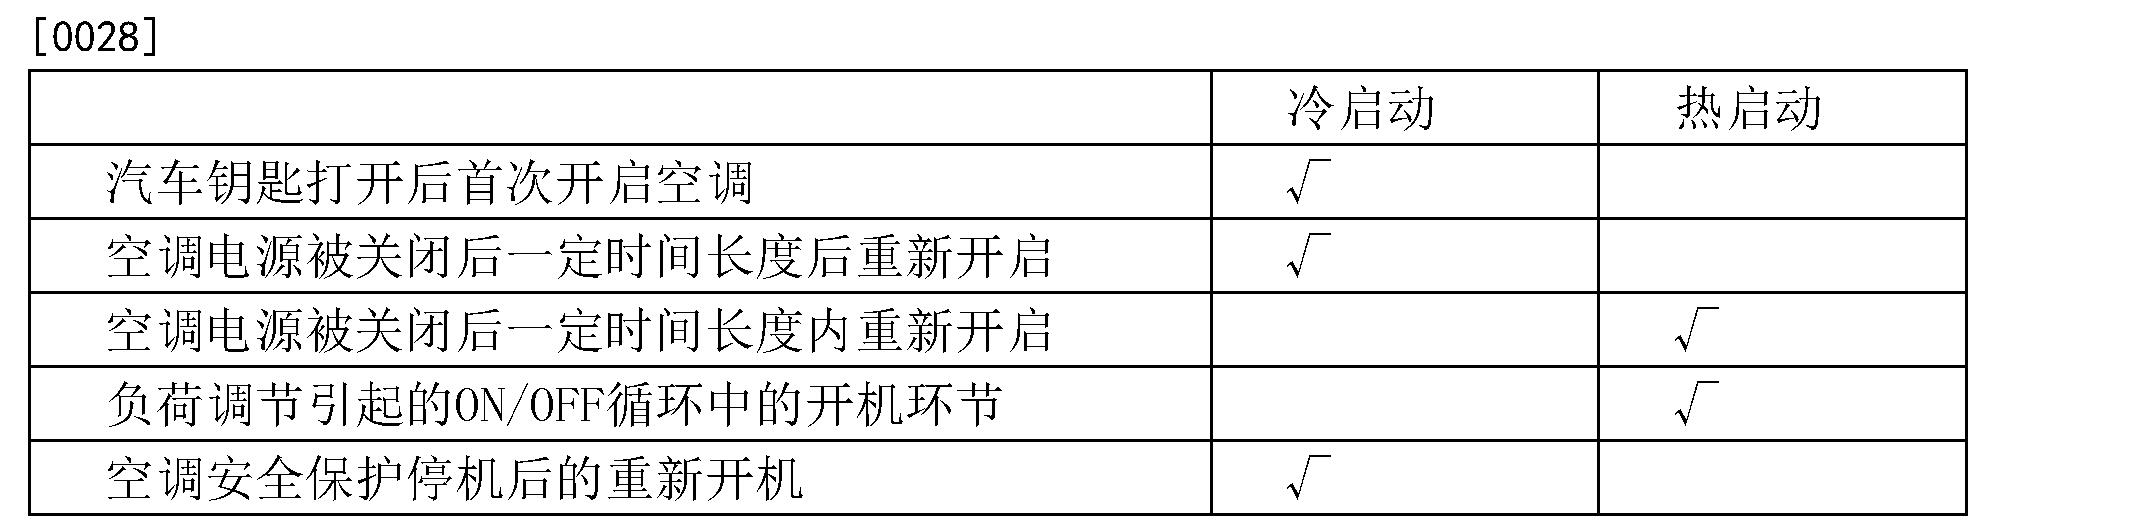 Figure CN103033005BD00051